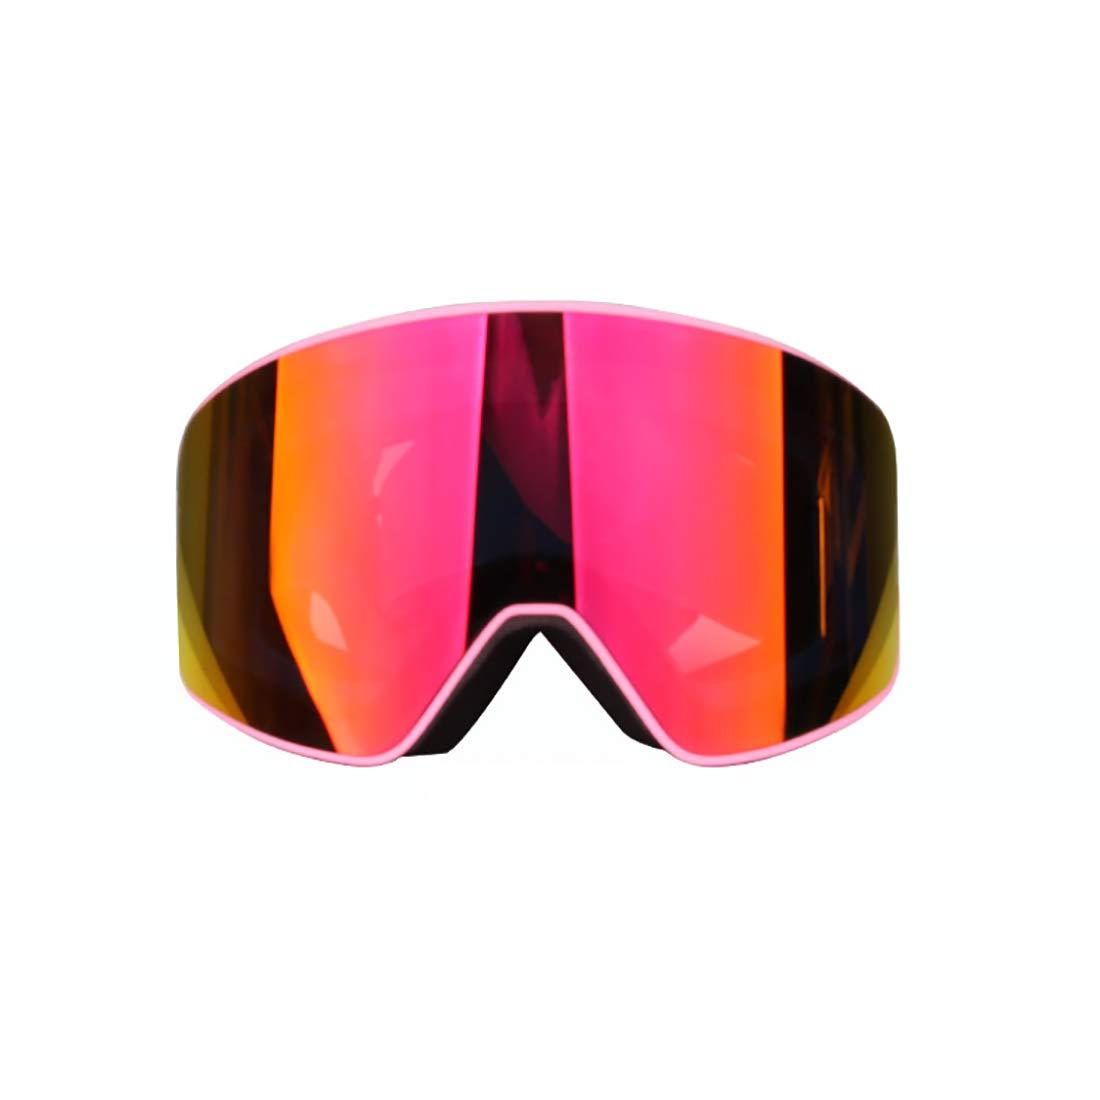 LBWNB Lunettes de Ski-Anti Brouillard Interchangeble Ski Verre Snow Snowboard magnétique Amovible Double lentille de Prougeection sans Cadre pour Les Hommes et Les Femmes,Powderframerougefilm